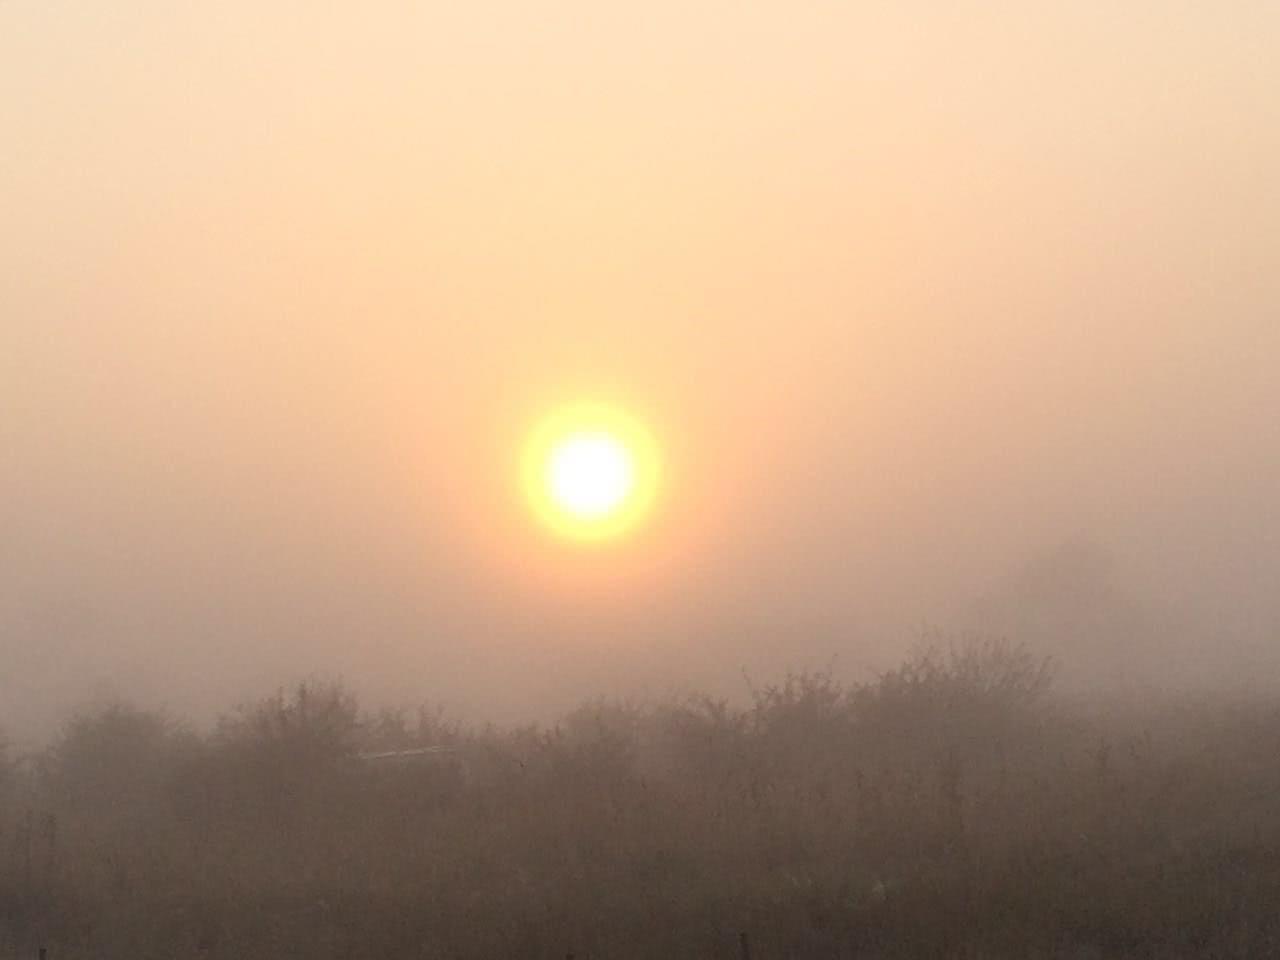 Sunrise taken from car